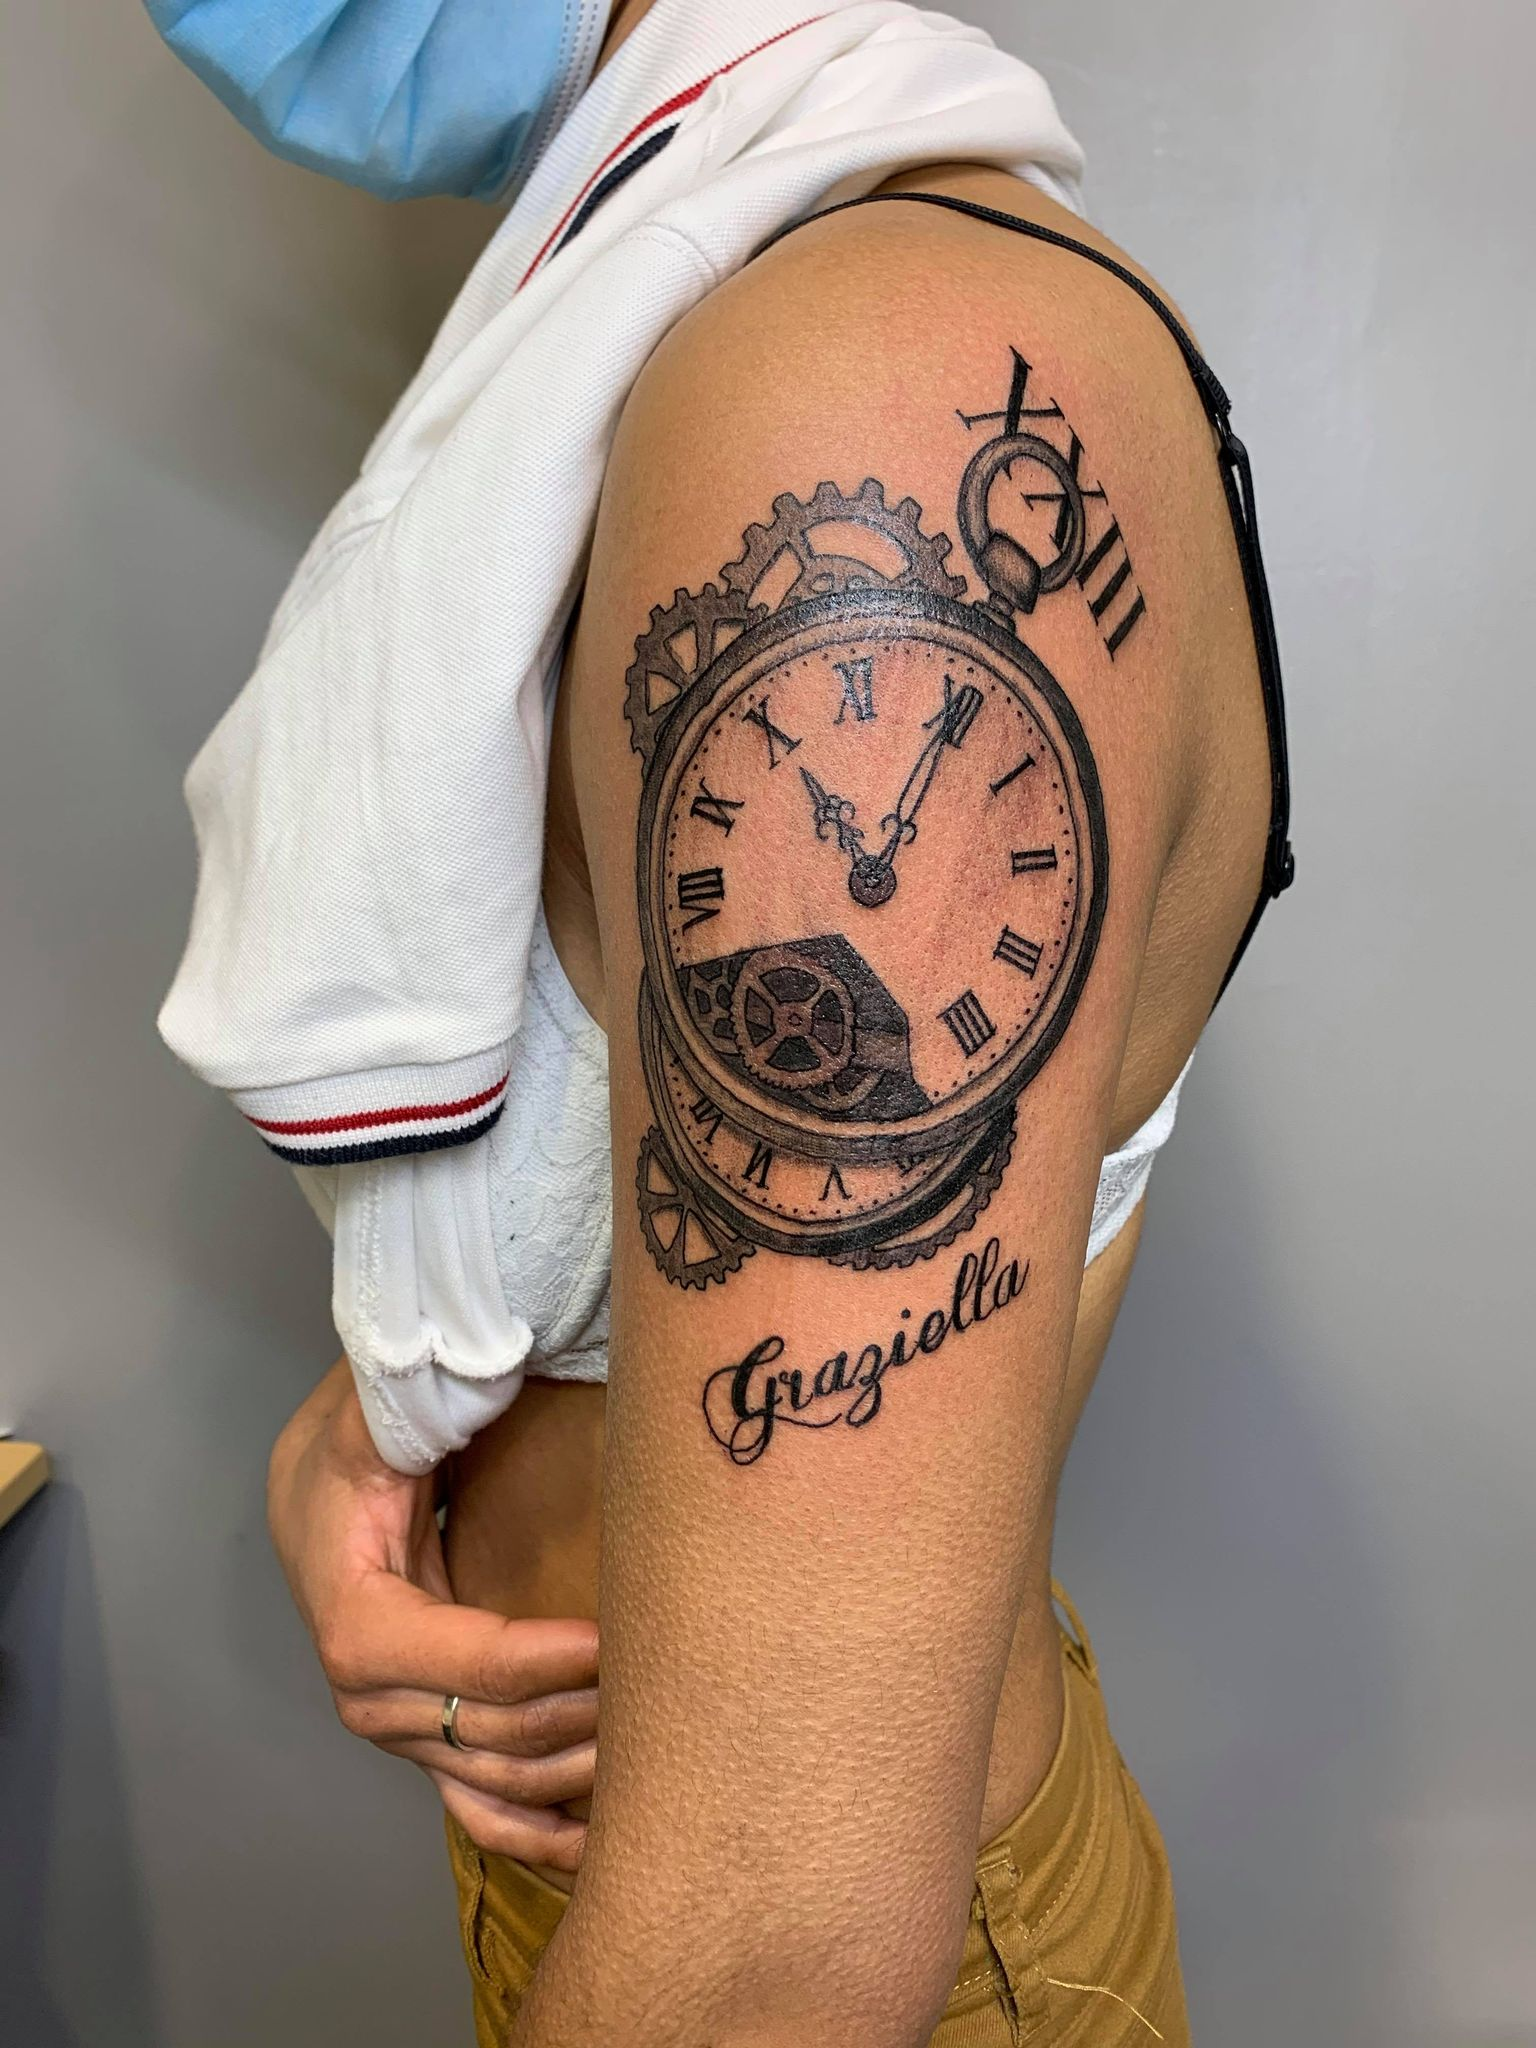 tatouage babylone tattoo epaule bras noir ombrages lettrages montre gousset chiffres romain 130